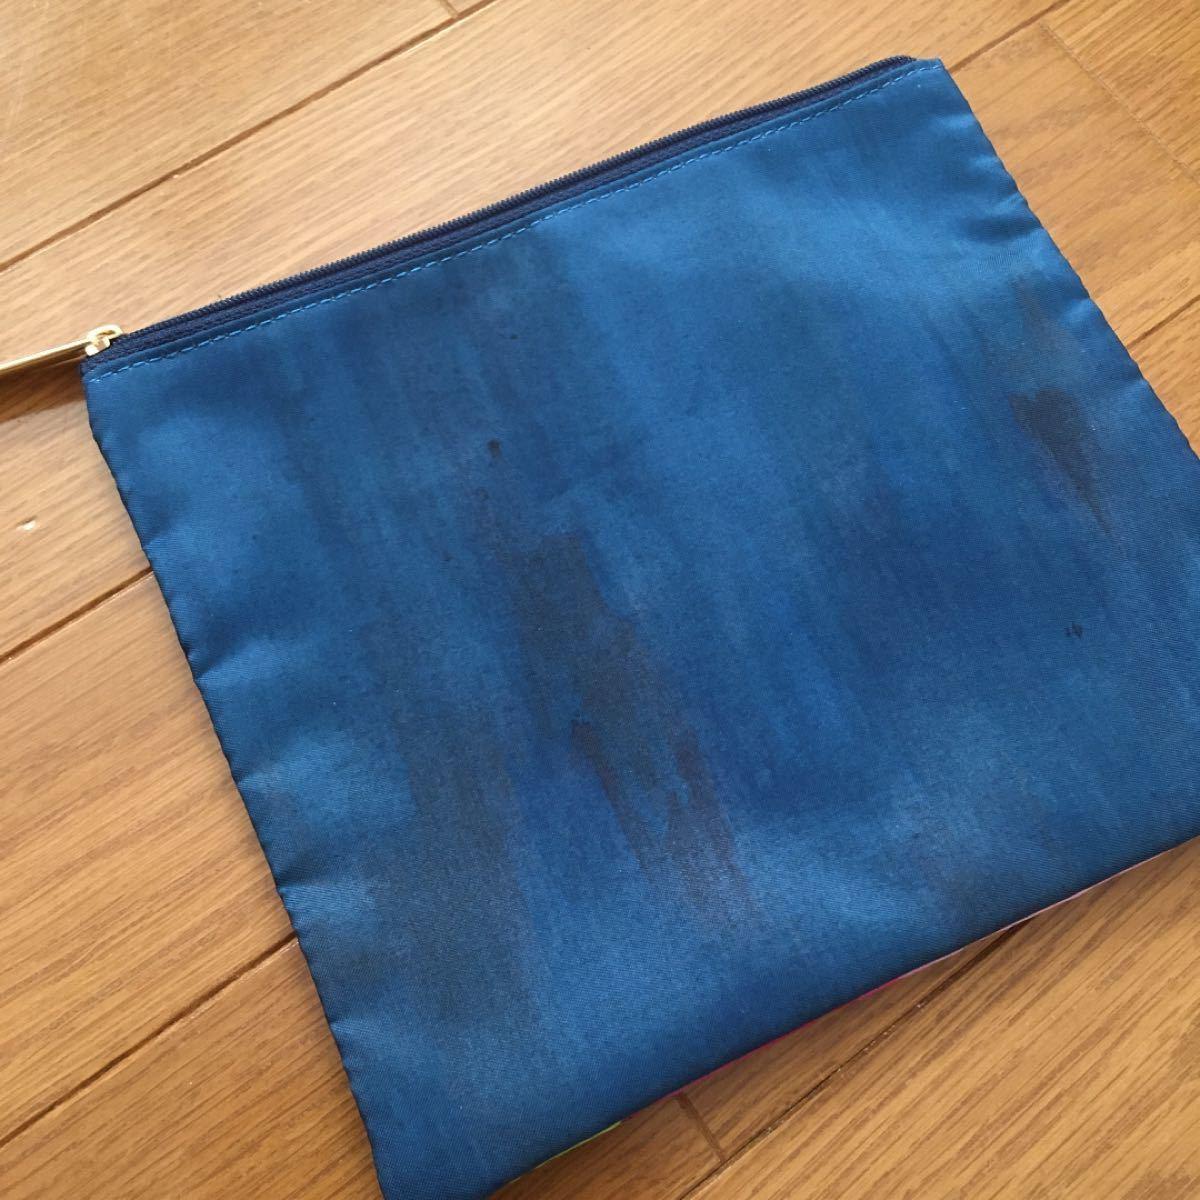 ポーチ バッグ ミニバッグ 化粧ポーチ 小物入れ シルク調 カラフル 輸入雑貨 バッグインバッグ 絵画 アート レディース 芸術